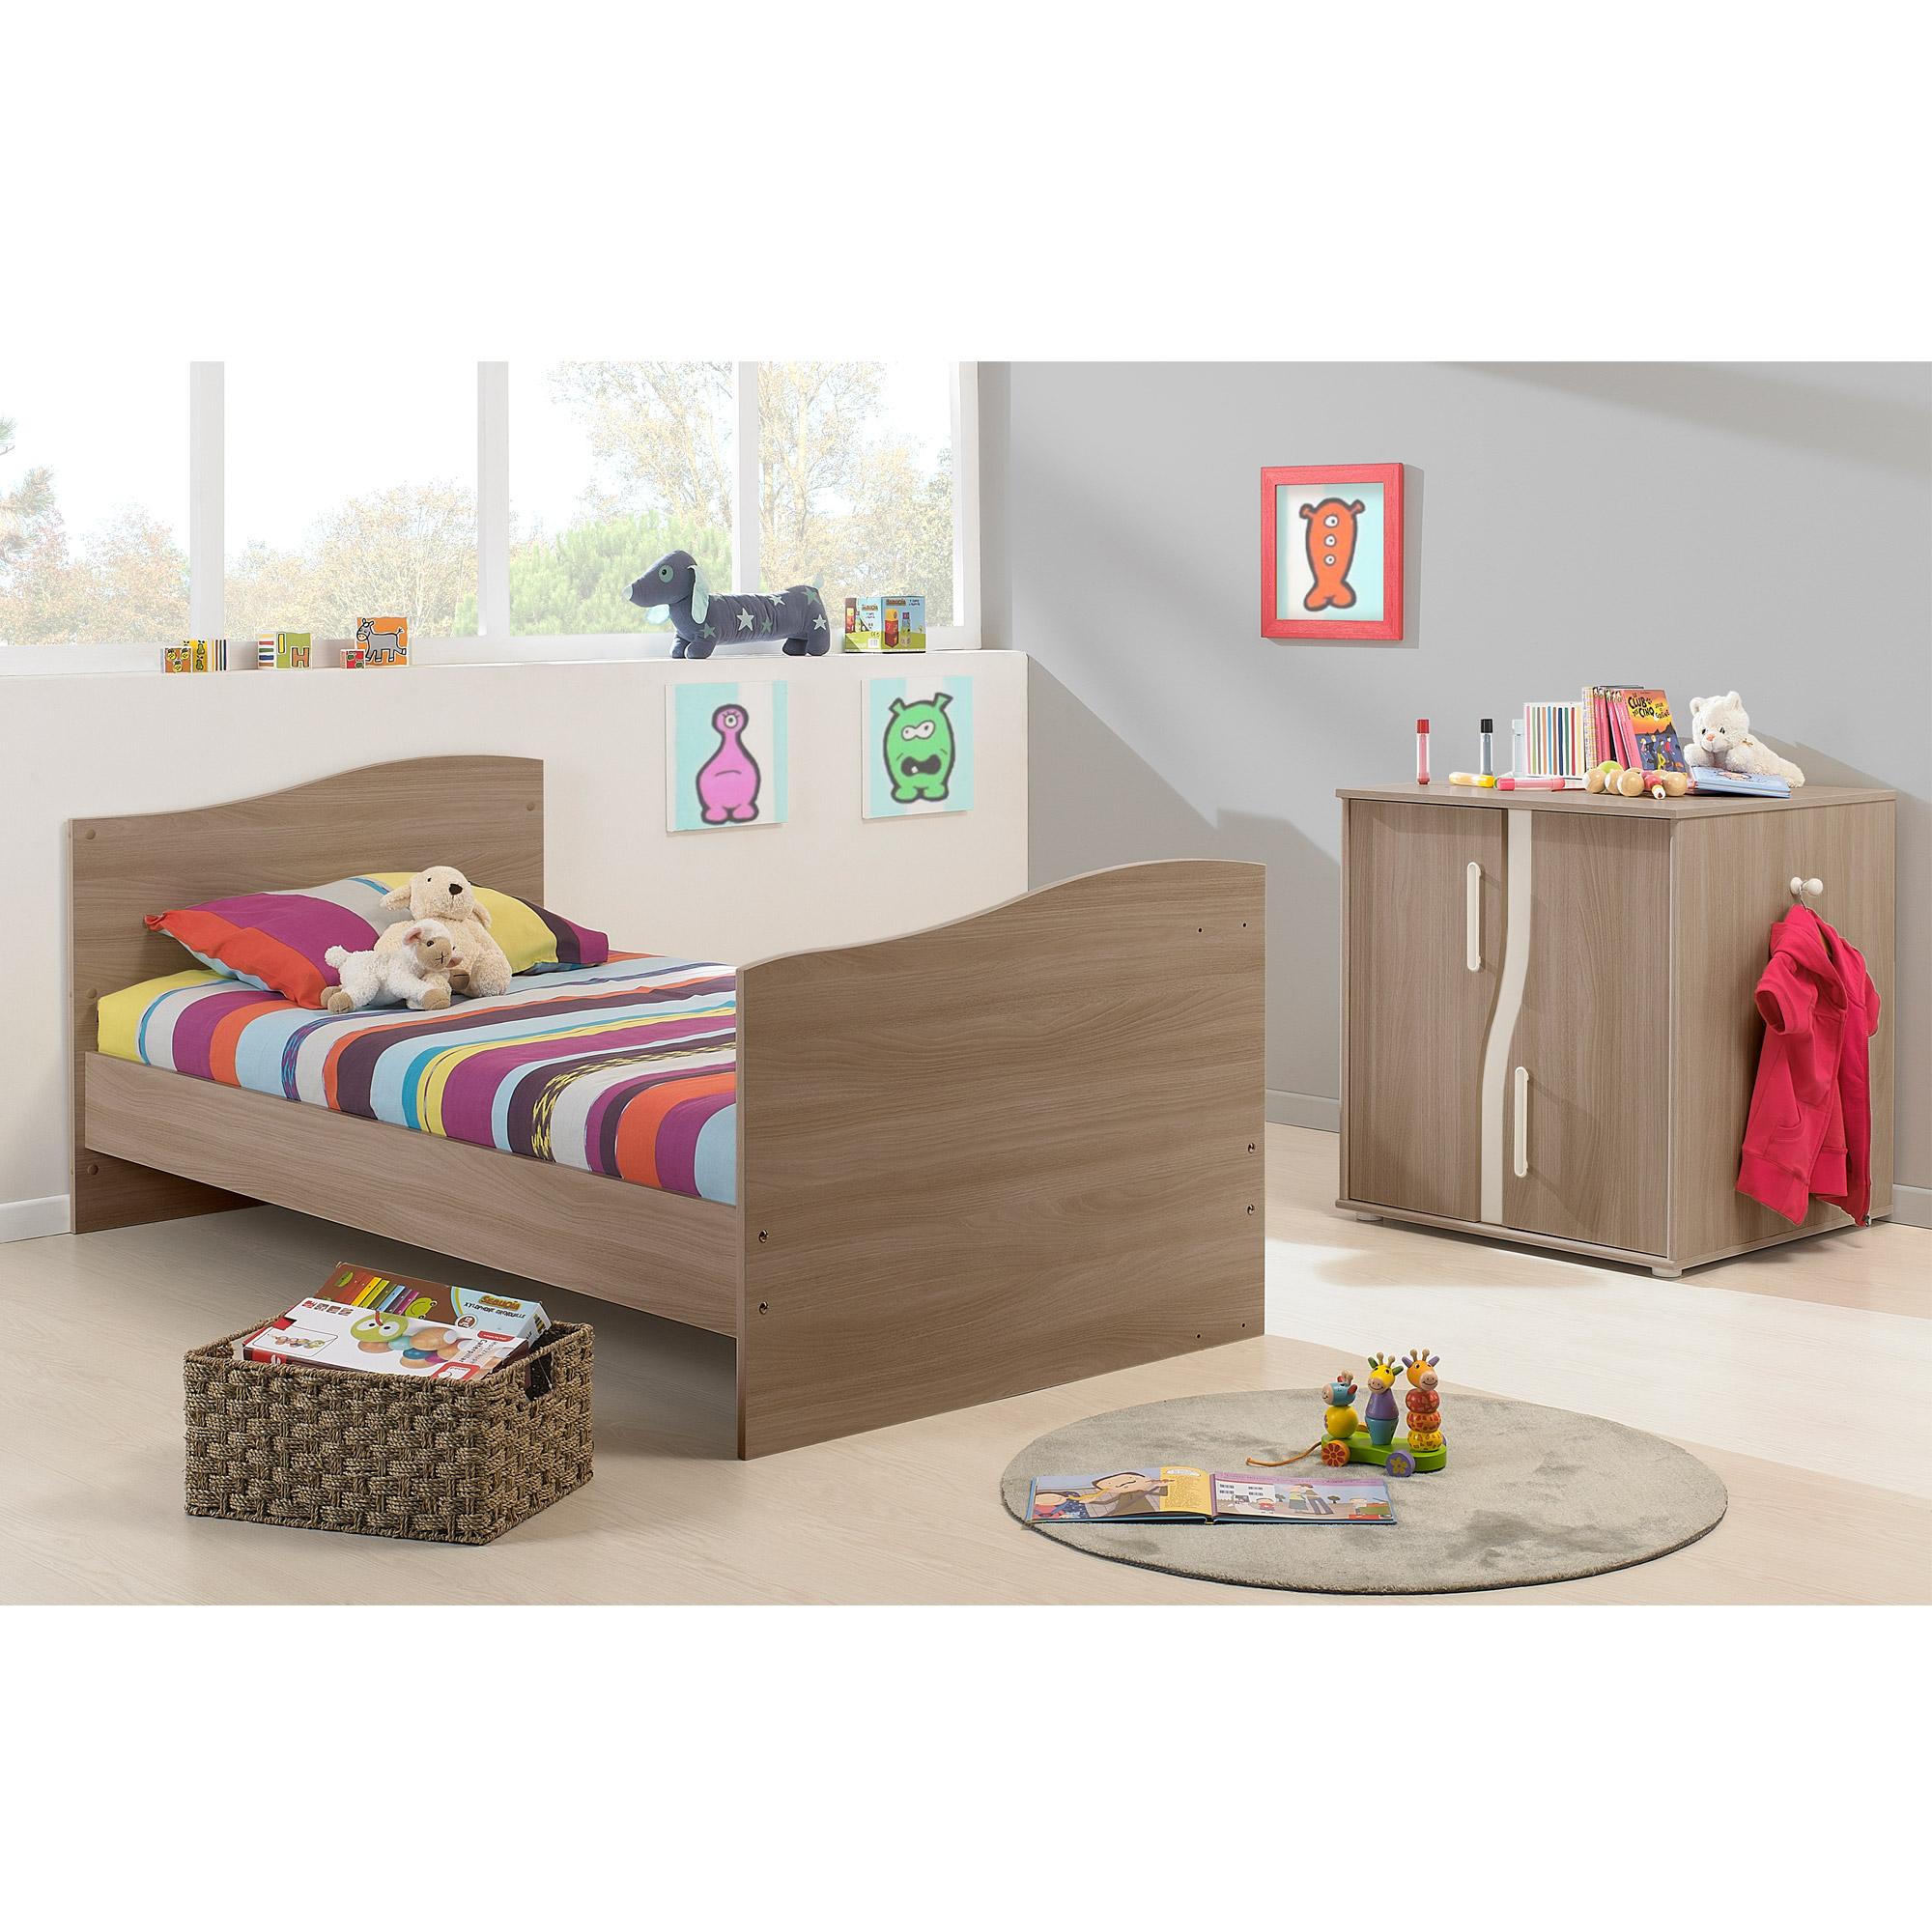 pablo lit chambre transformable noyer clair 60x120 de petit petit ensembles volutifs aubert. Black Bedroom Furniture Sets. Home Design Ideas